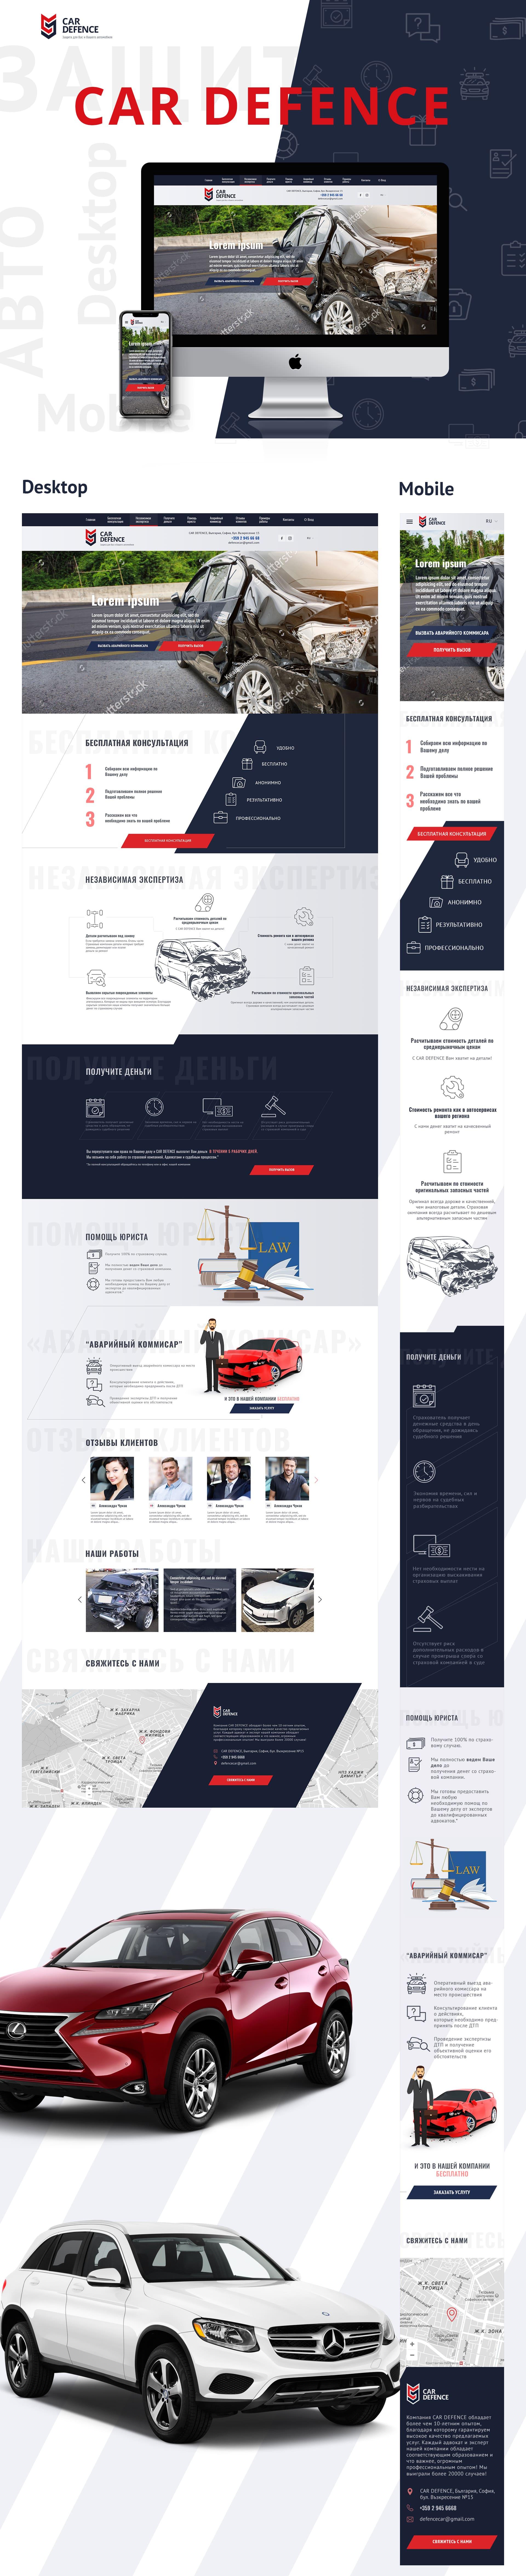 Создание дизайна для страховой компании